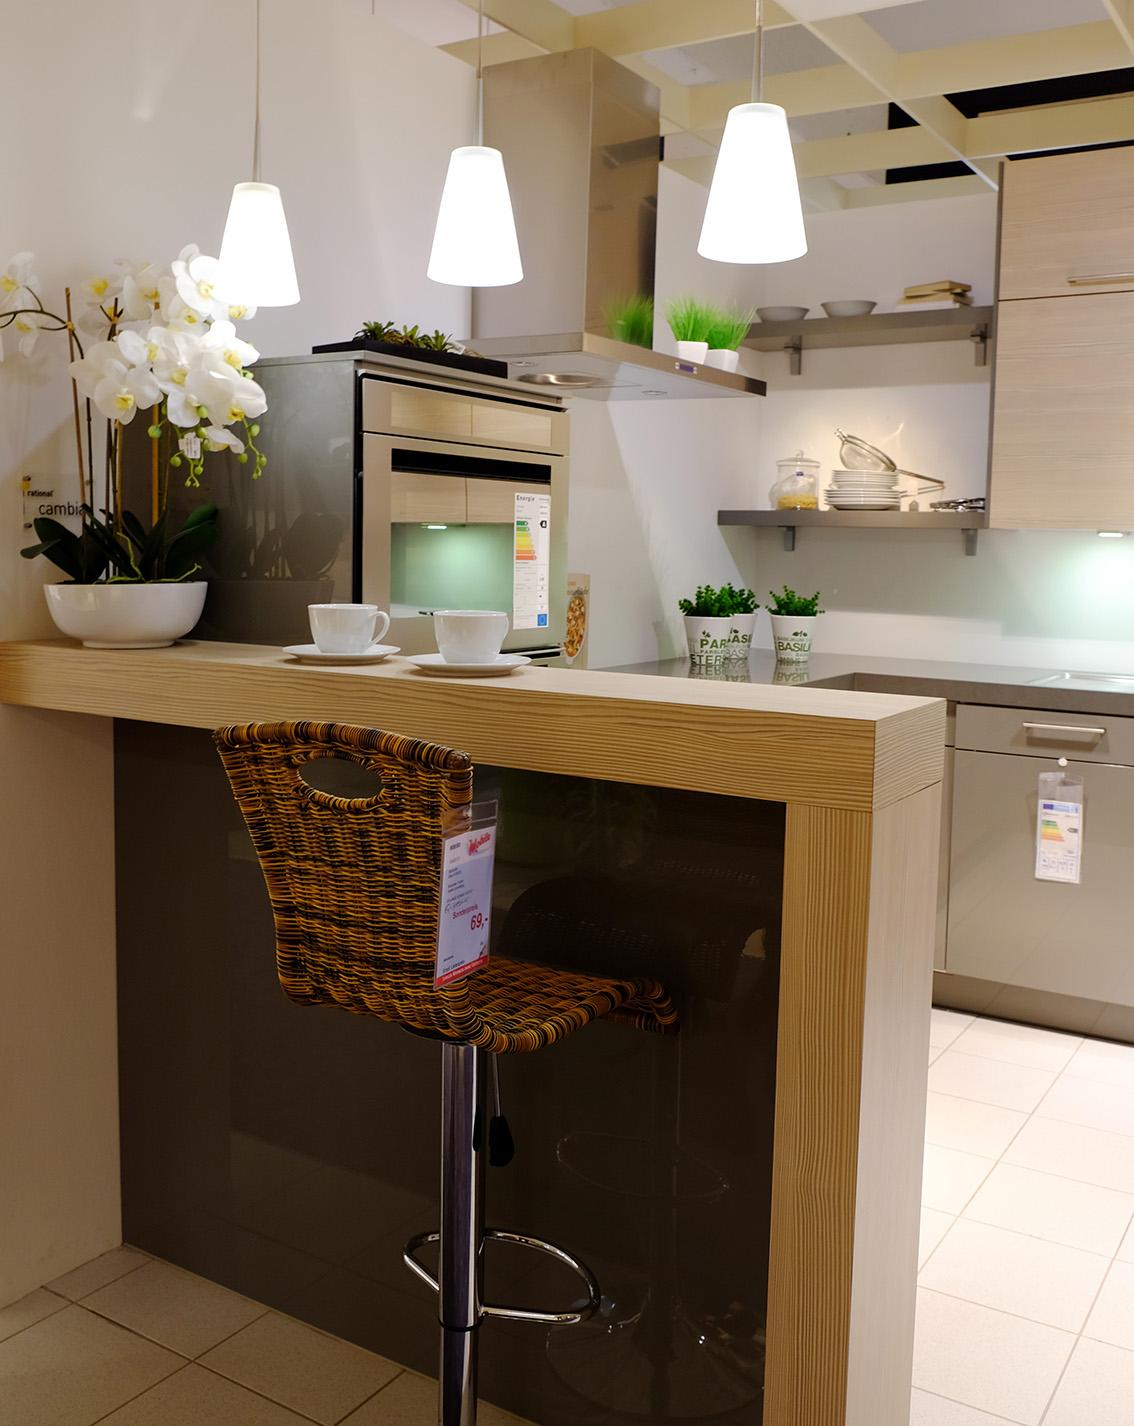 rational cambia lano m belmarkt dogern ihr einrichtungshaus im einzugsgebiet z rich. Black Bedroom Furniture Sets. Home Design Ideas